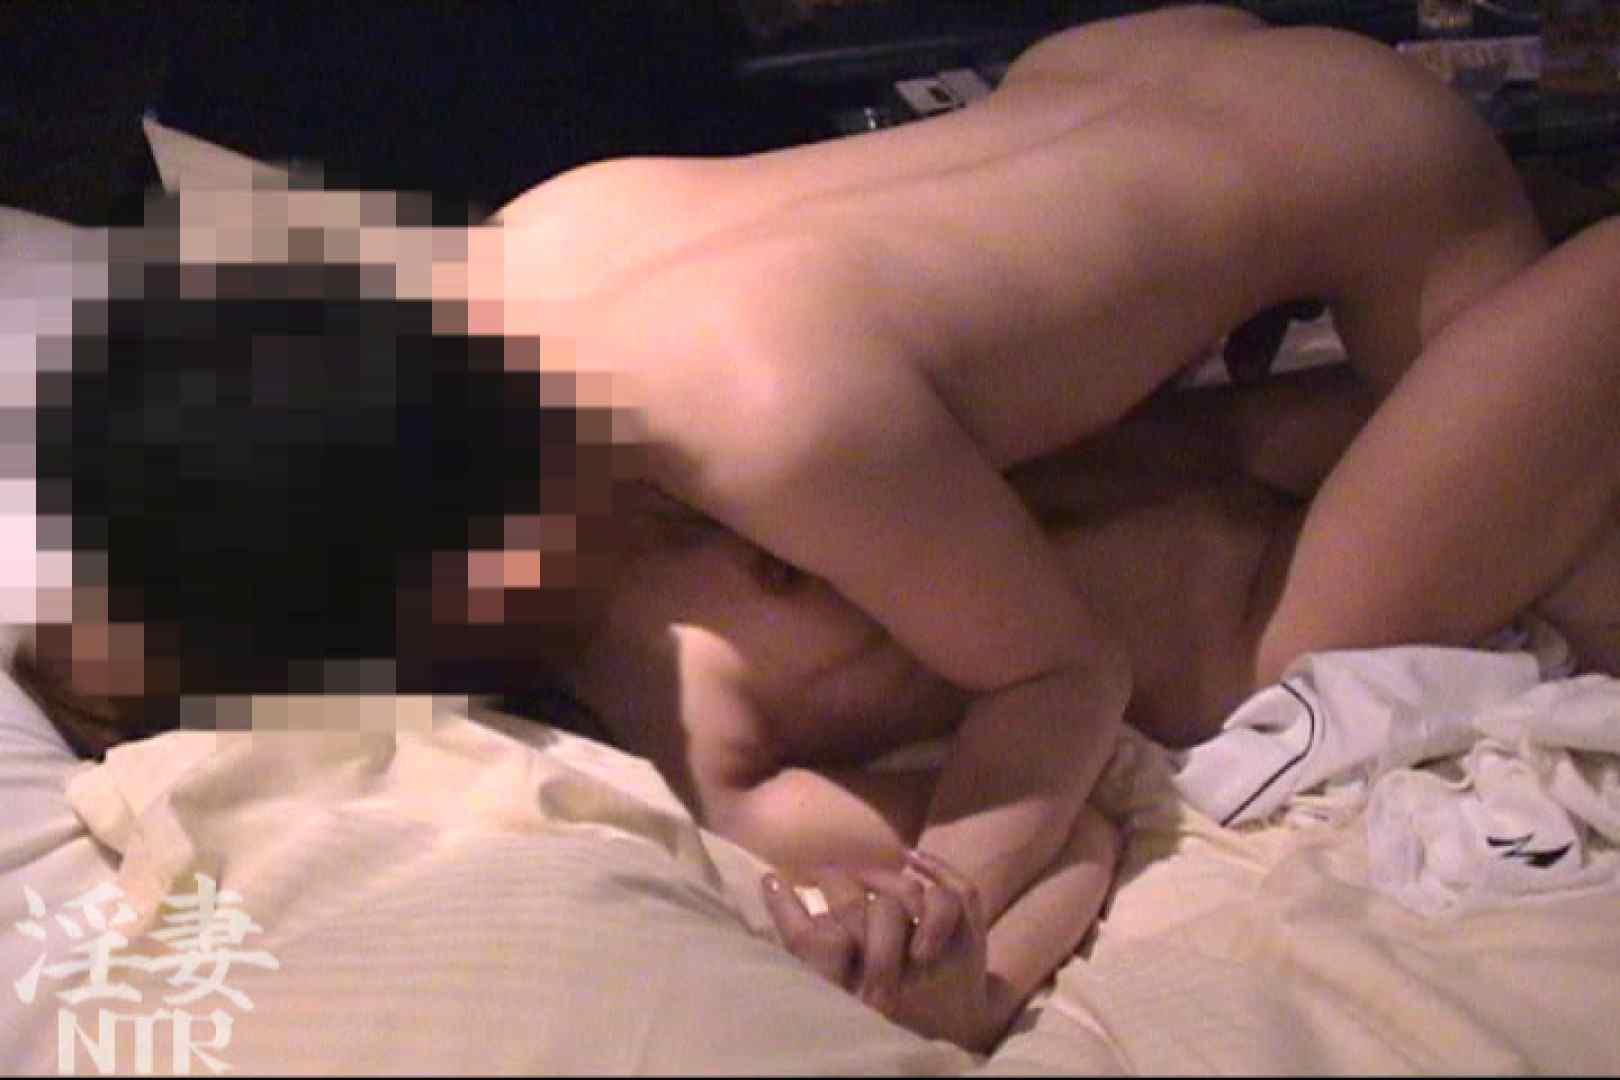 淫乱彩女 麻優里 28歳の単独男性の他人棒 2 一般投稿 アダルト動画キャプチャ 103枚 11